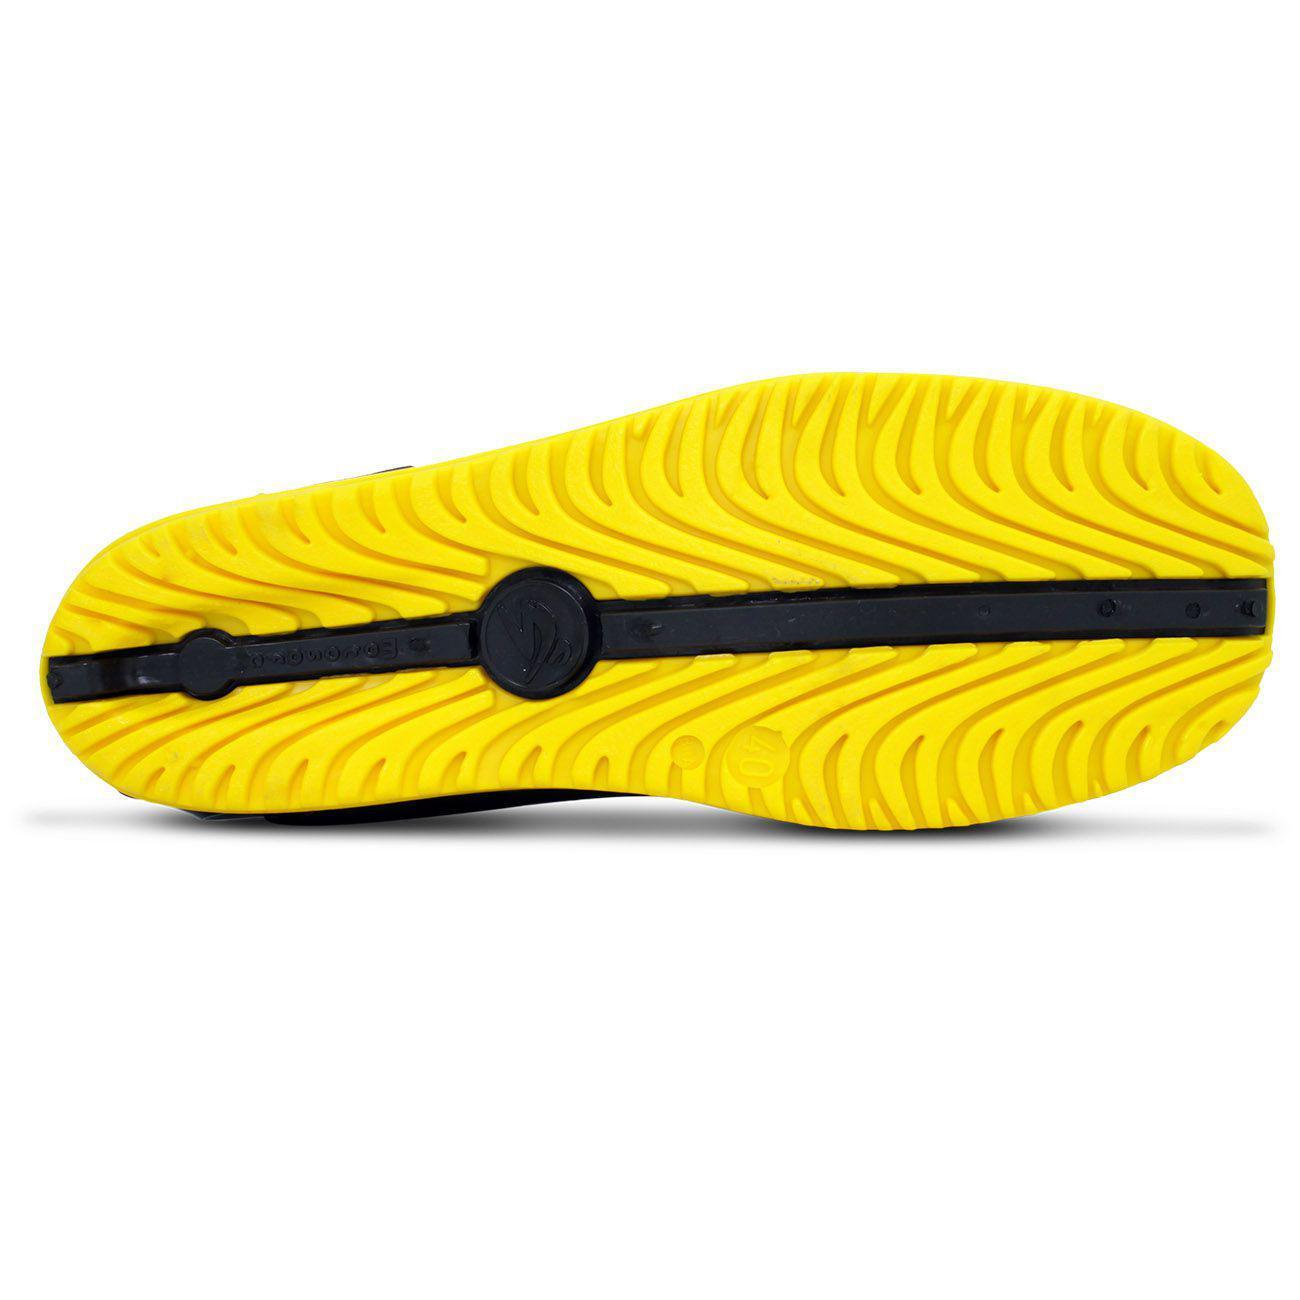 bf85c9e5f06 Capa de Chuva Piraval Plus Motoqueiro PVC Impermeável Preta + Bota 44  Produto não disponível